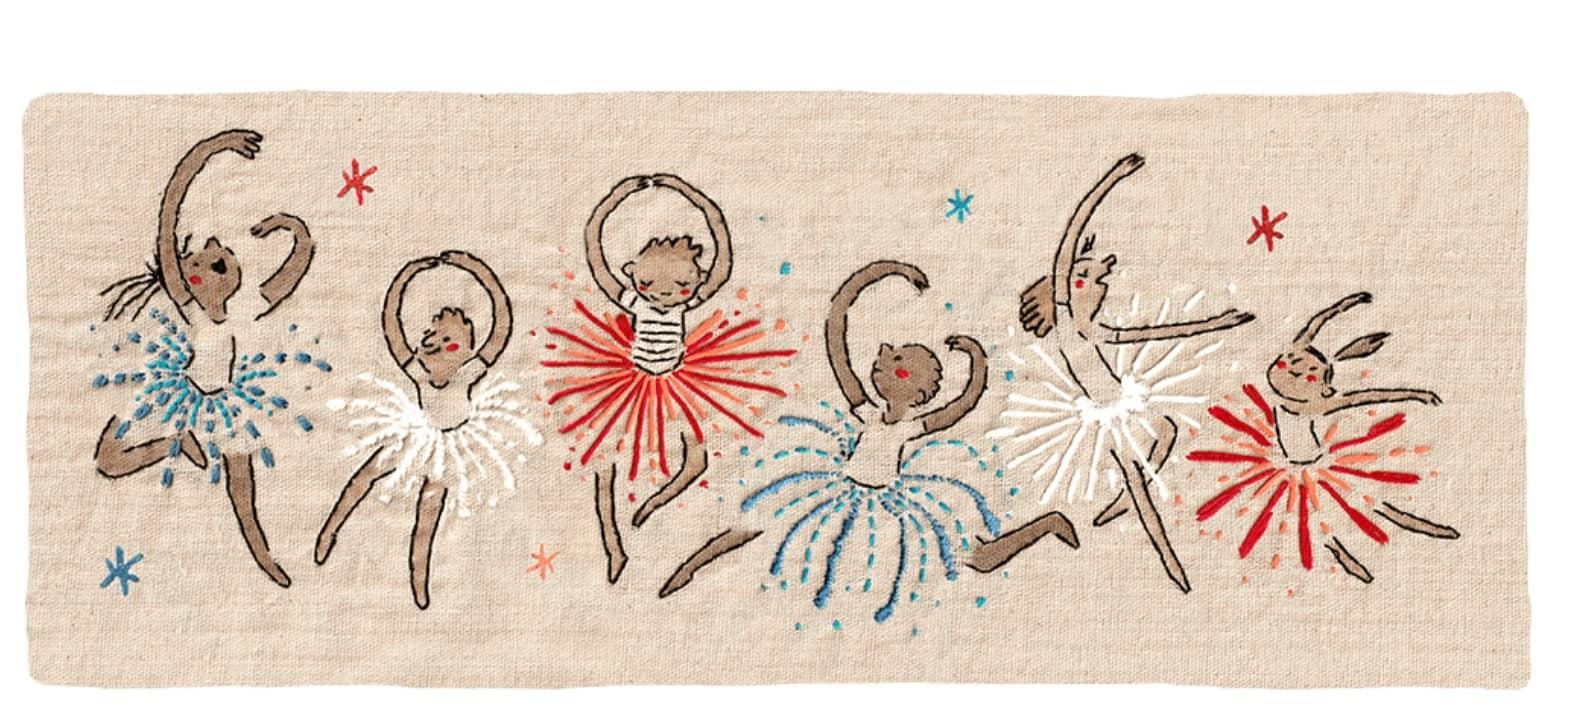 Doodle Fête nationale du 14 juillet 2021 (Hélène Leroux)